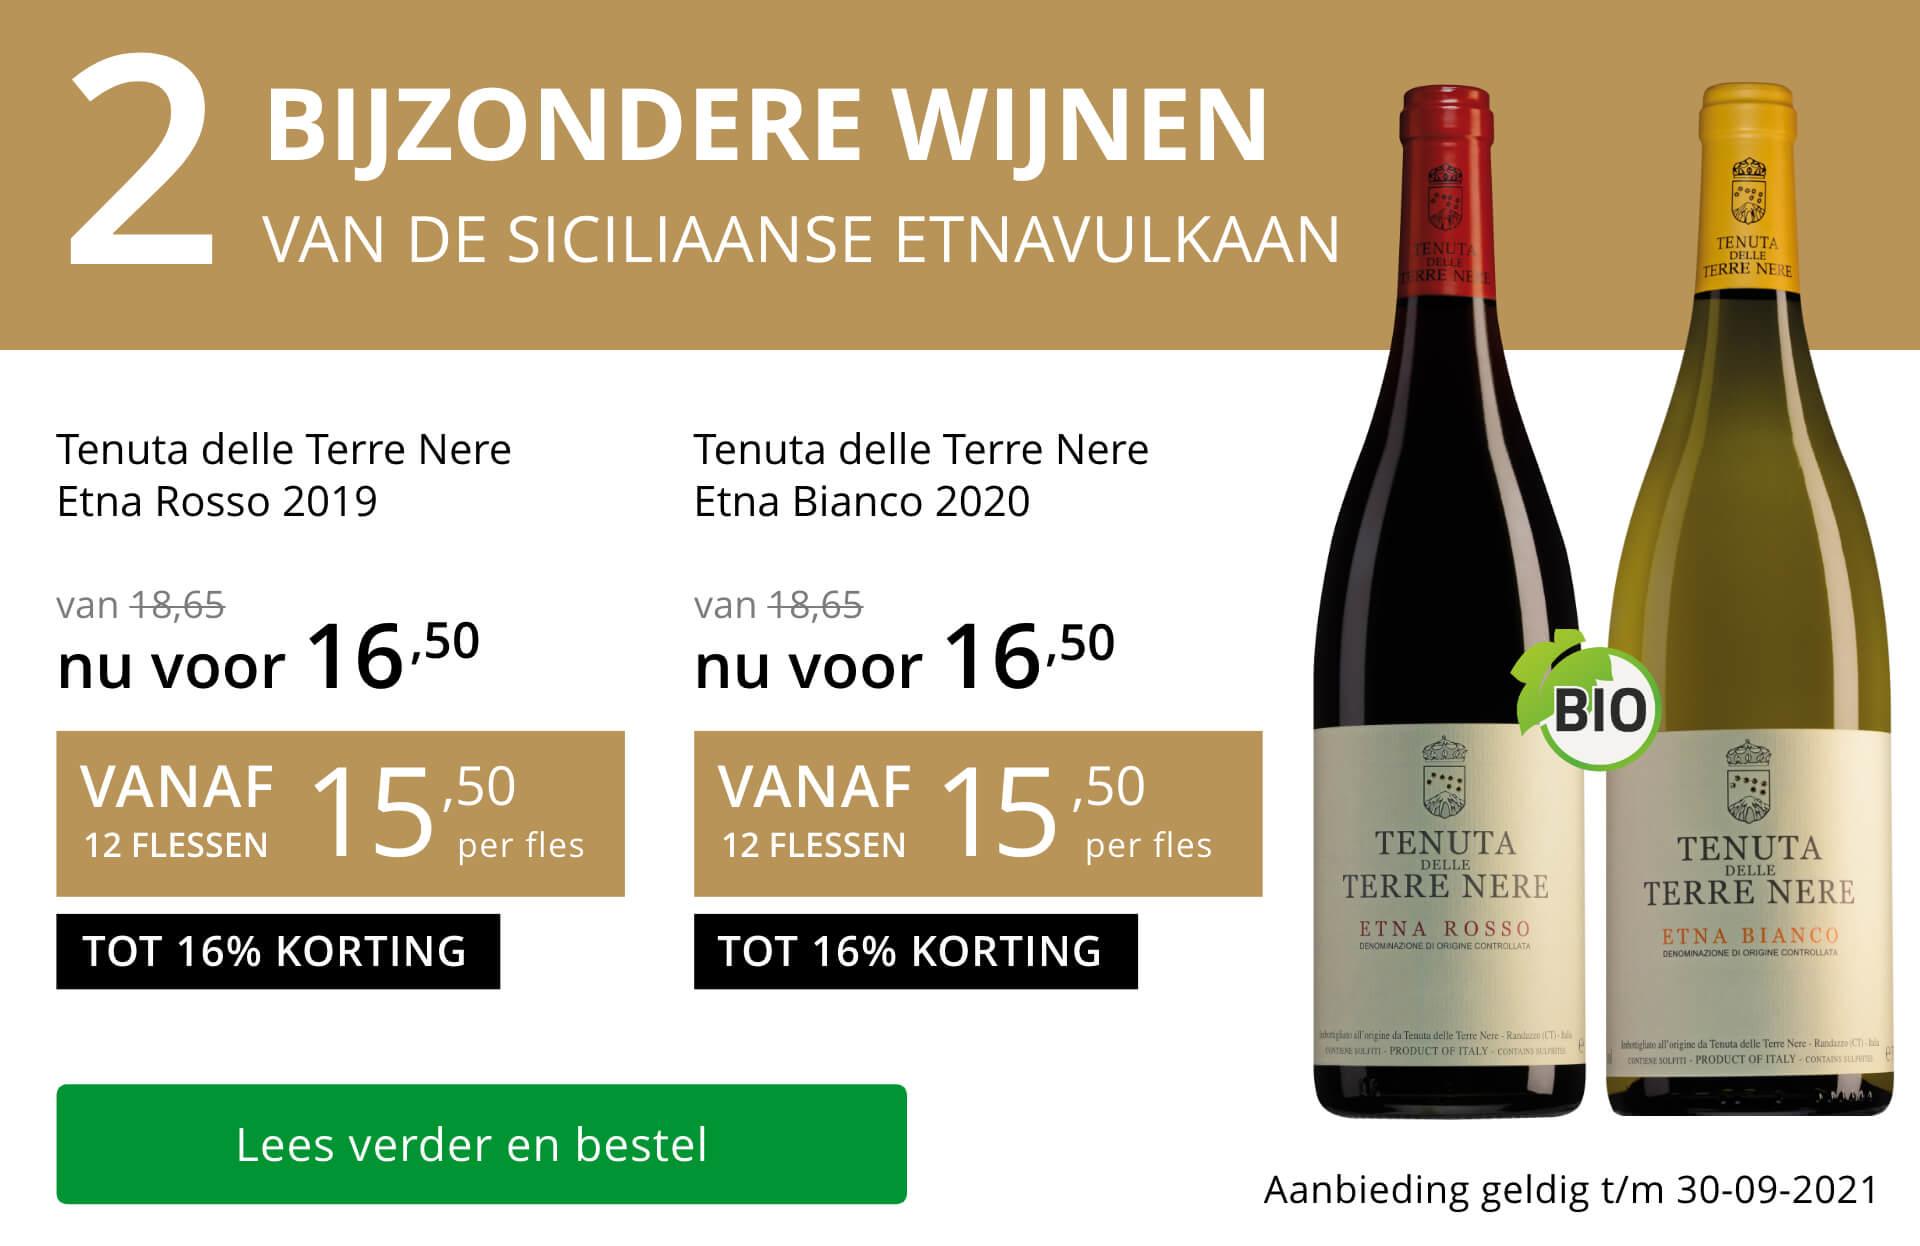 Twee bijzondere wijnen september 2021-goud/zwart